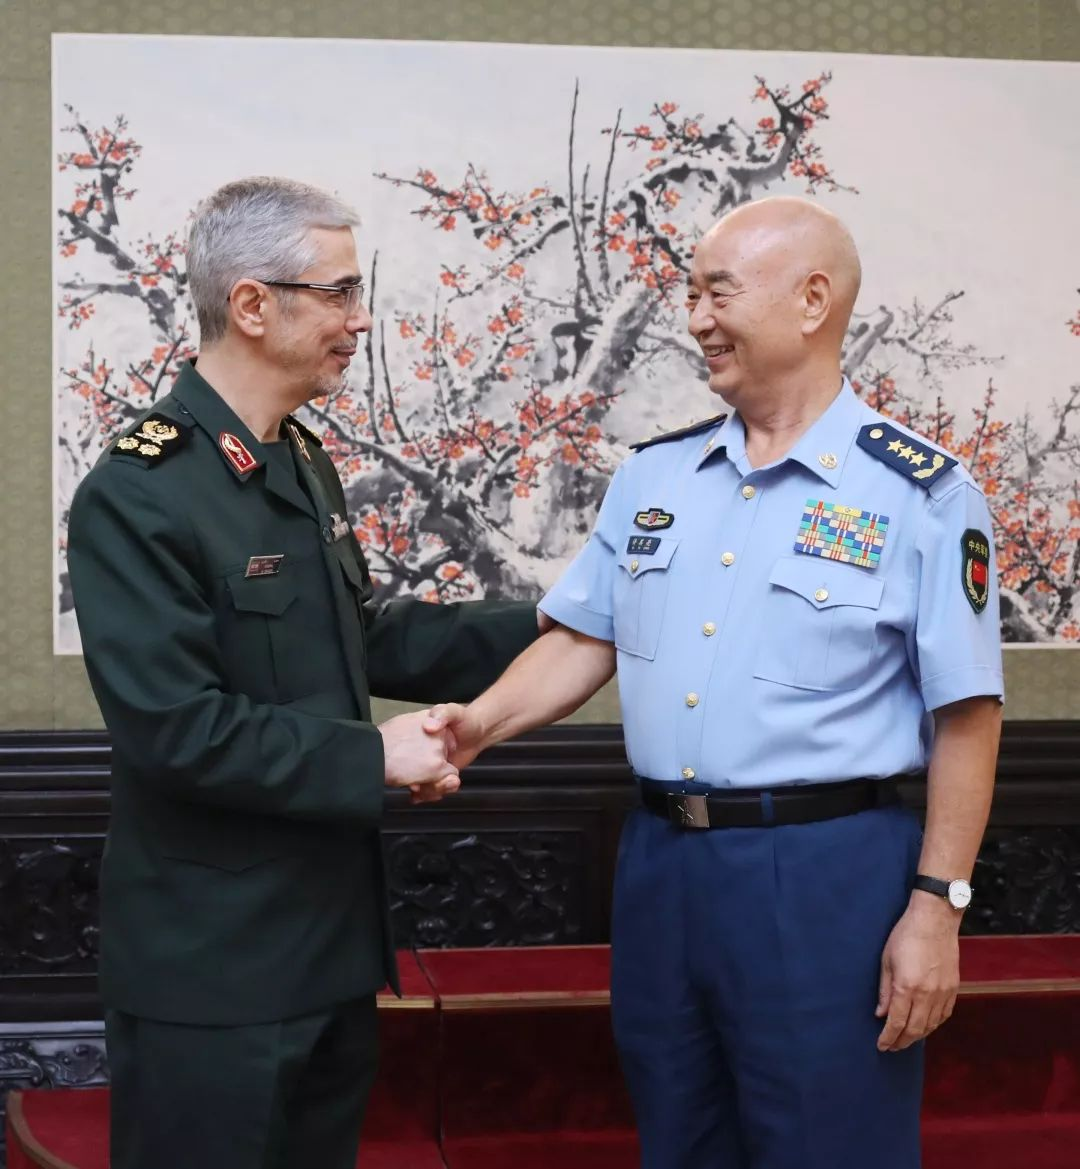 9月11日,中央军委副主席许其亮在八一大楼会见来访的伊朗武装力量总参谋长巴盖里。李晓伟摄